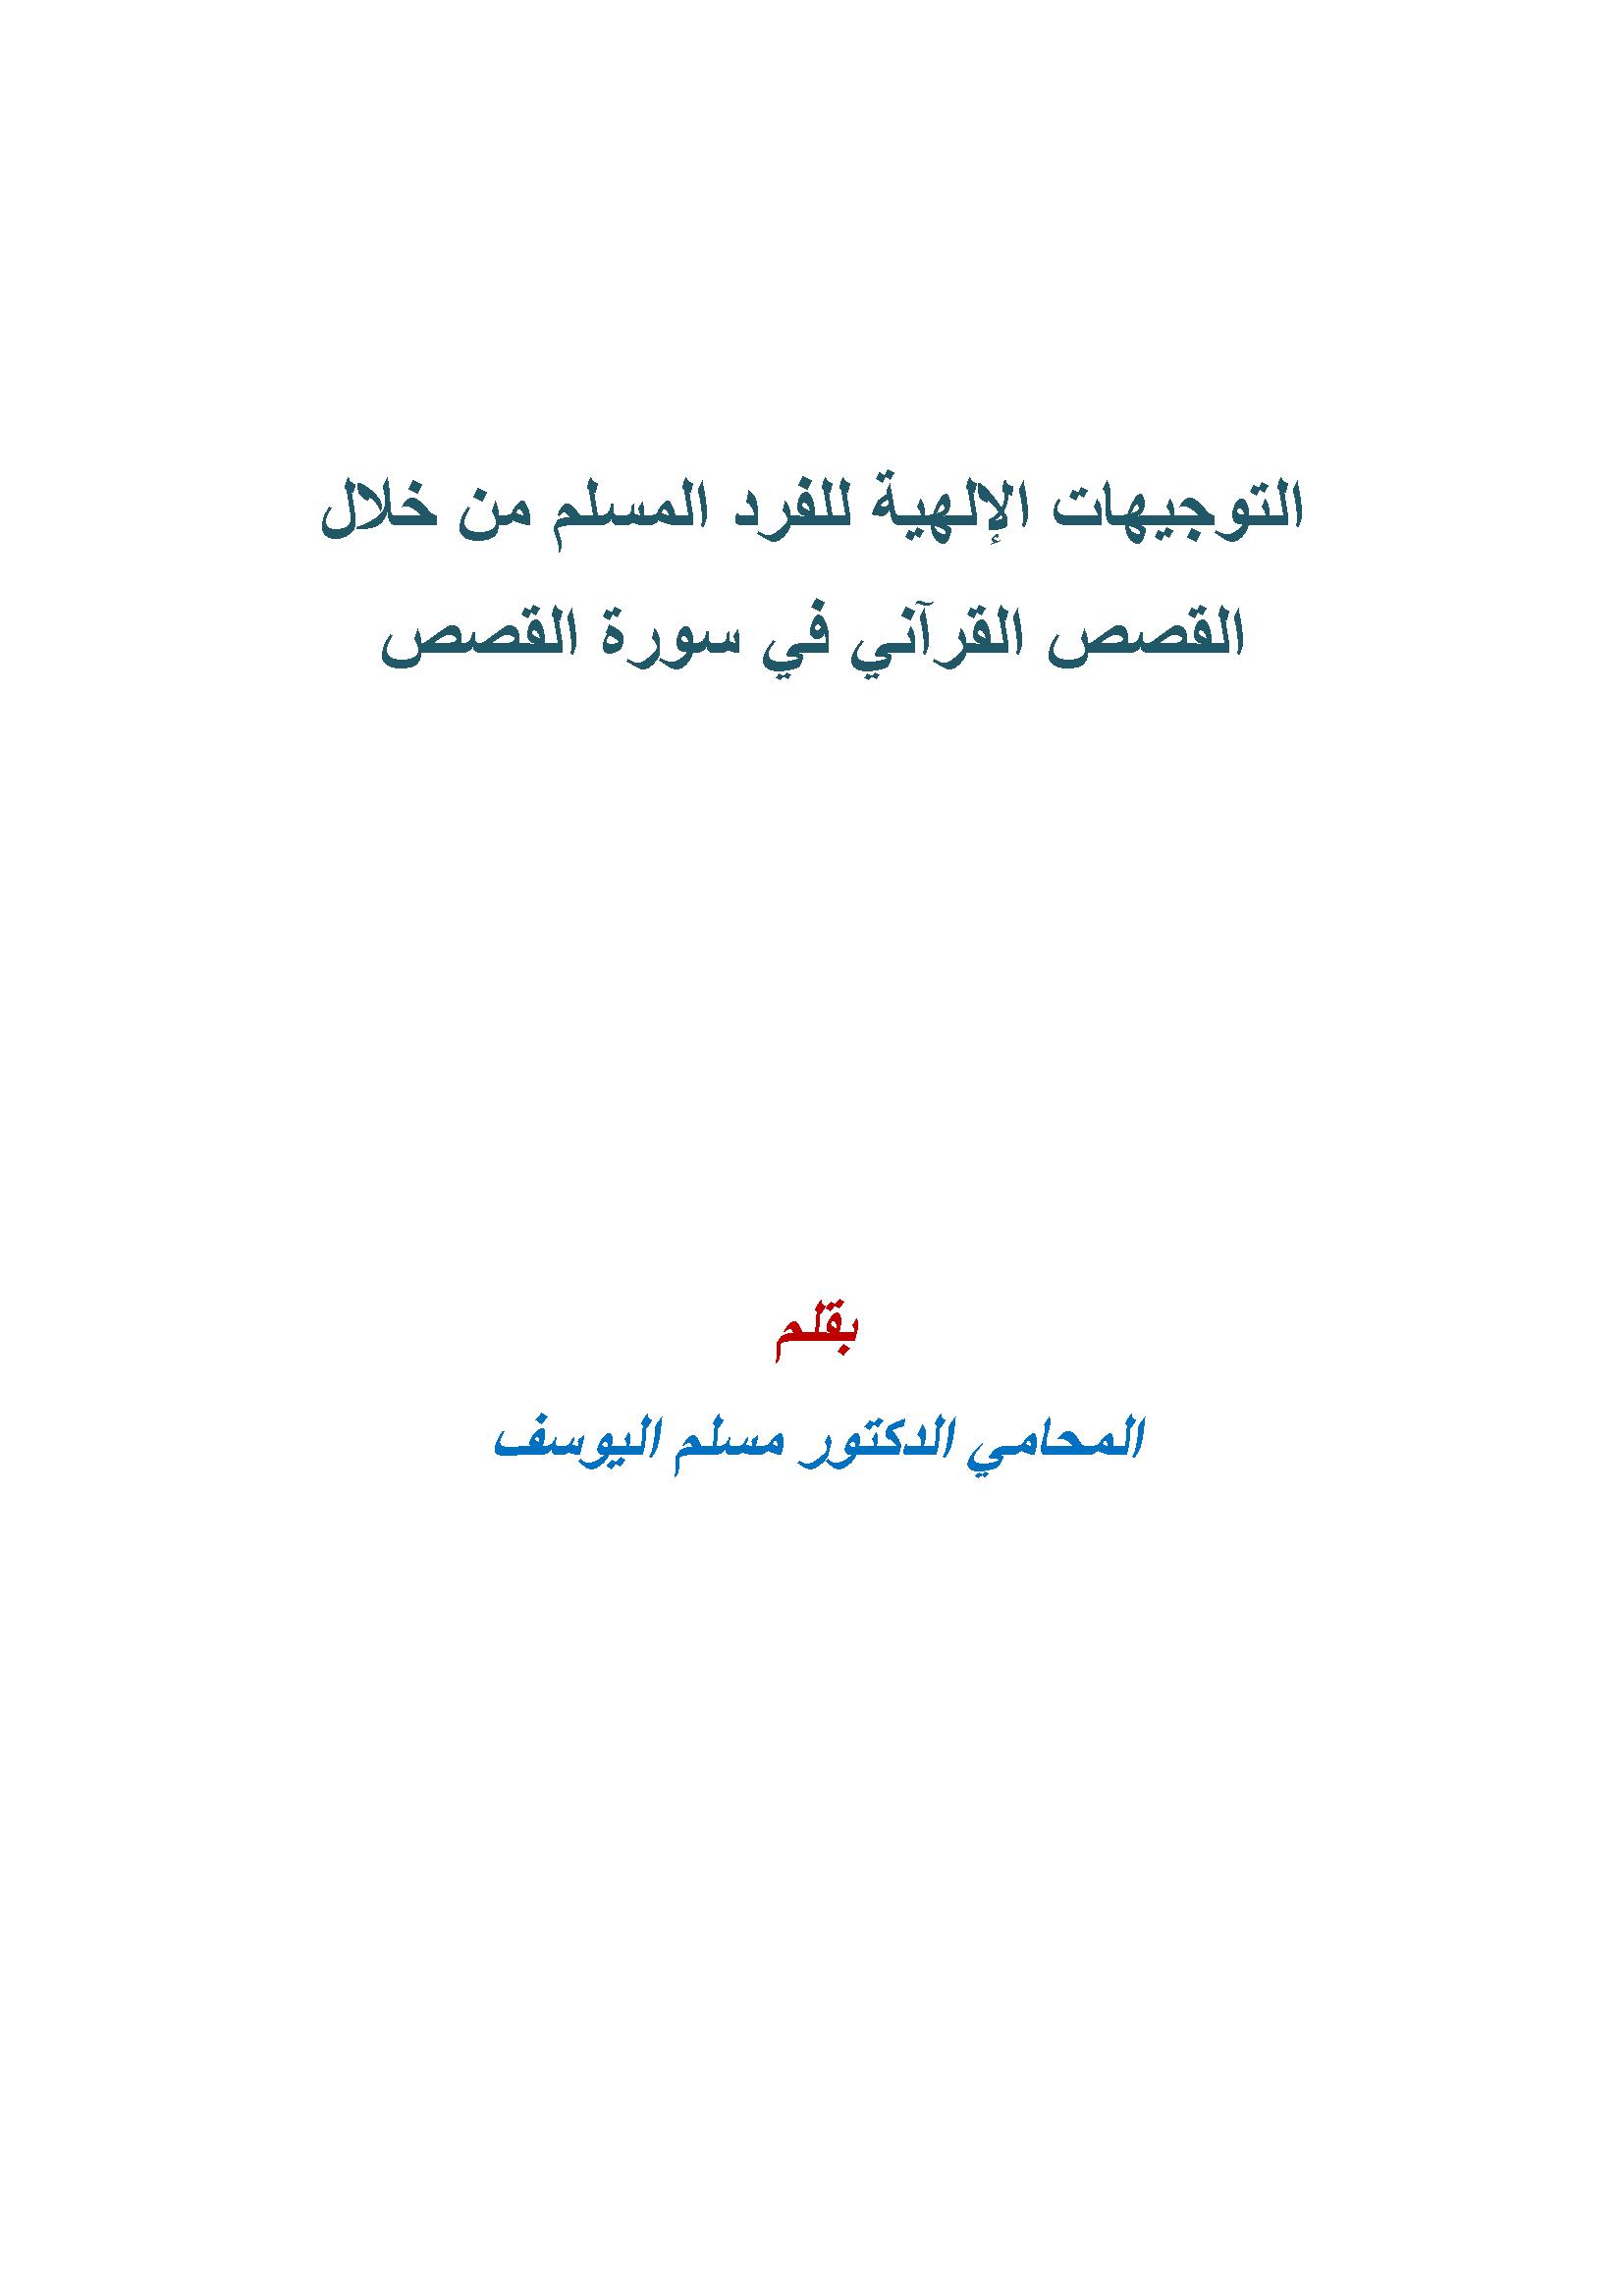 تحميل كتاب التوجيهات الإلهية للفرد المسلم من خلال القصص القرآني في سورة القصص لـِ: الدكتور مسلم محمد جودت اليوسف